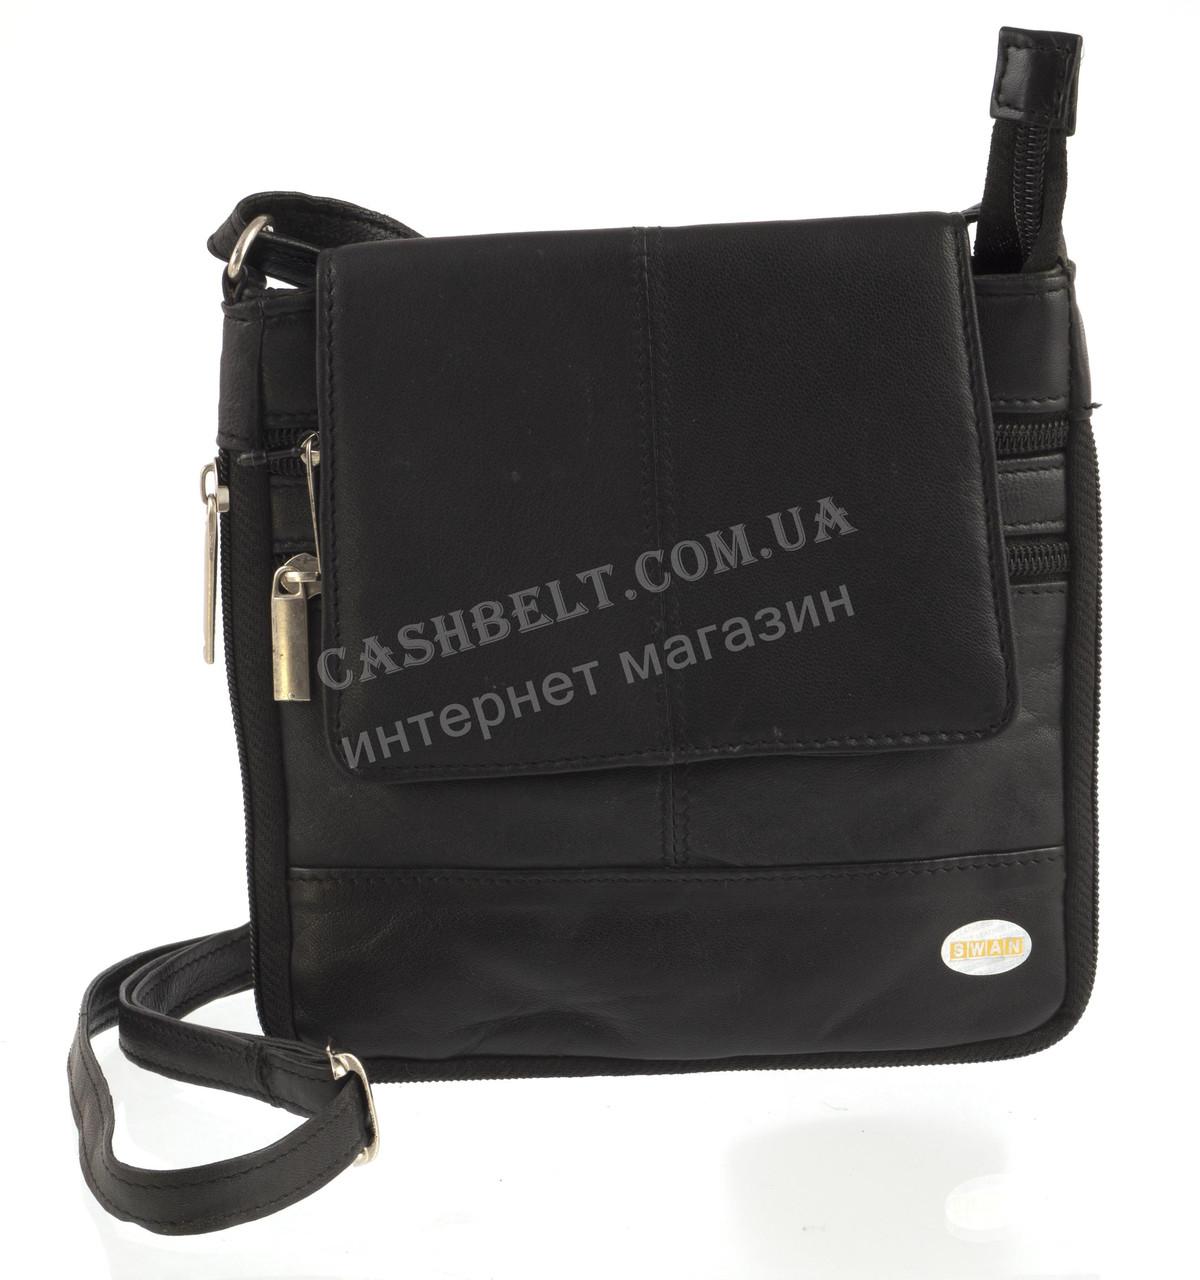 34a9acf996d4 Мужская стильная черная наплечная сумка с натуральной кожи SWAN art. с  клапаном на магните